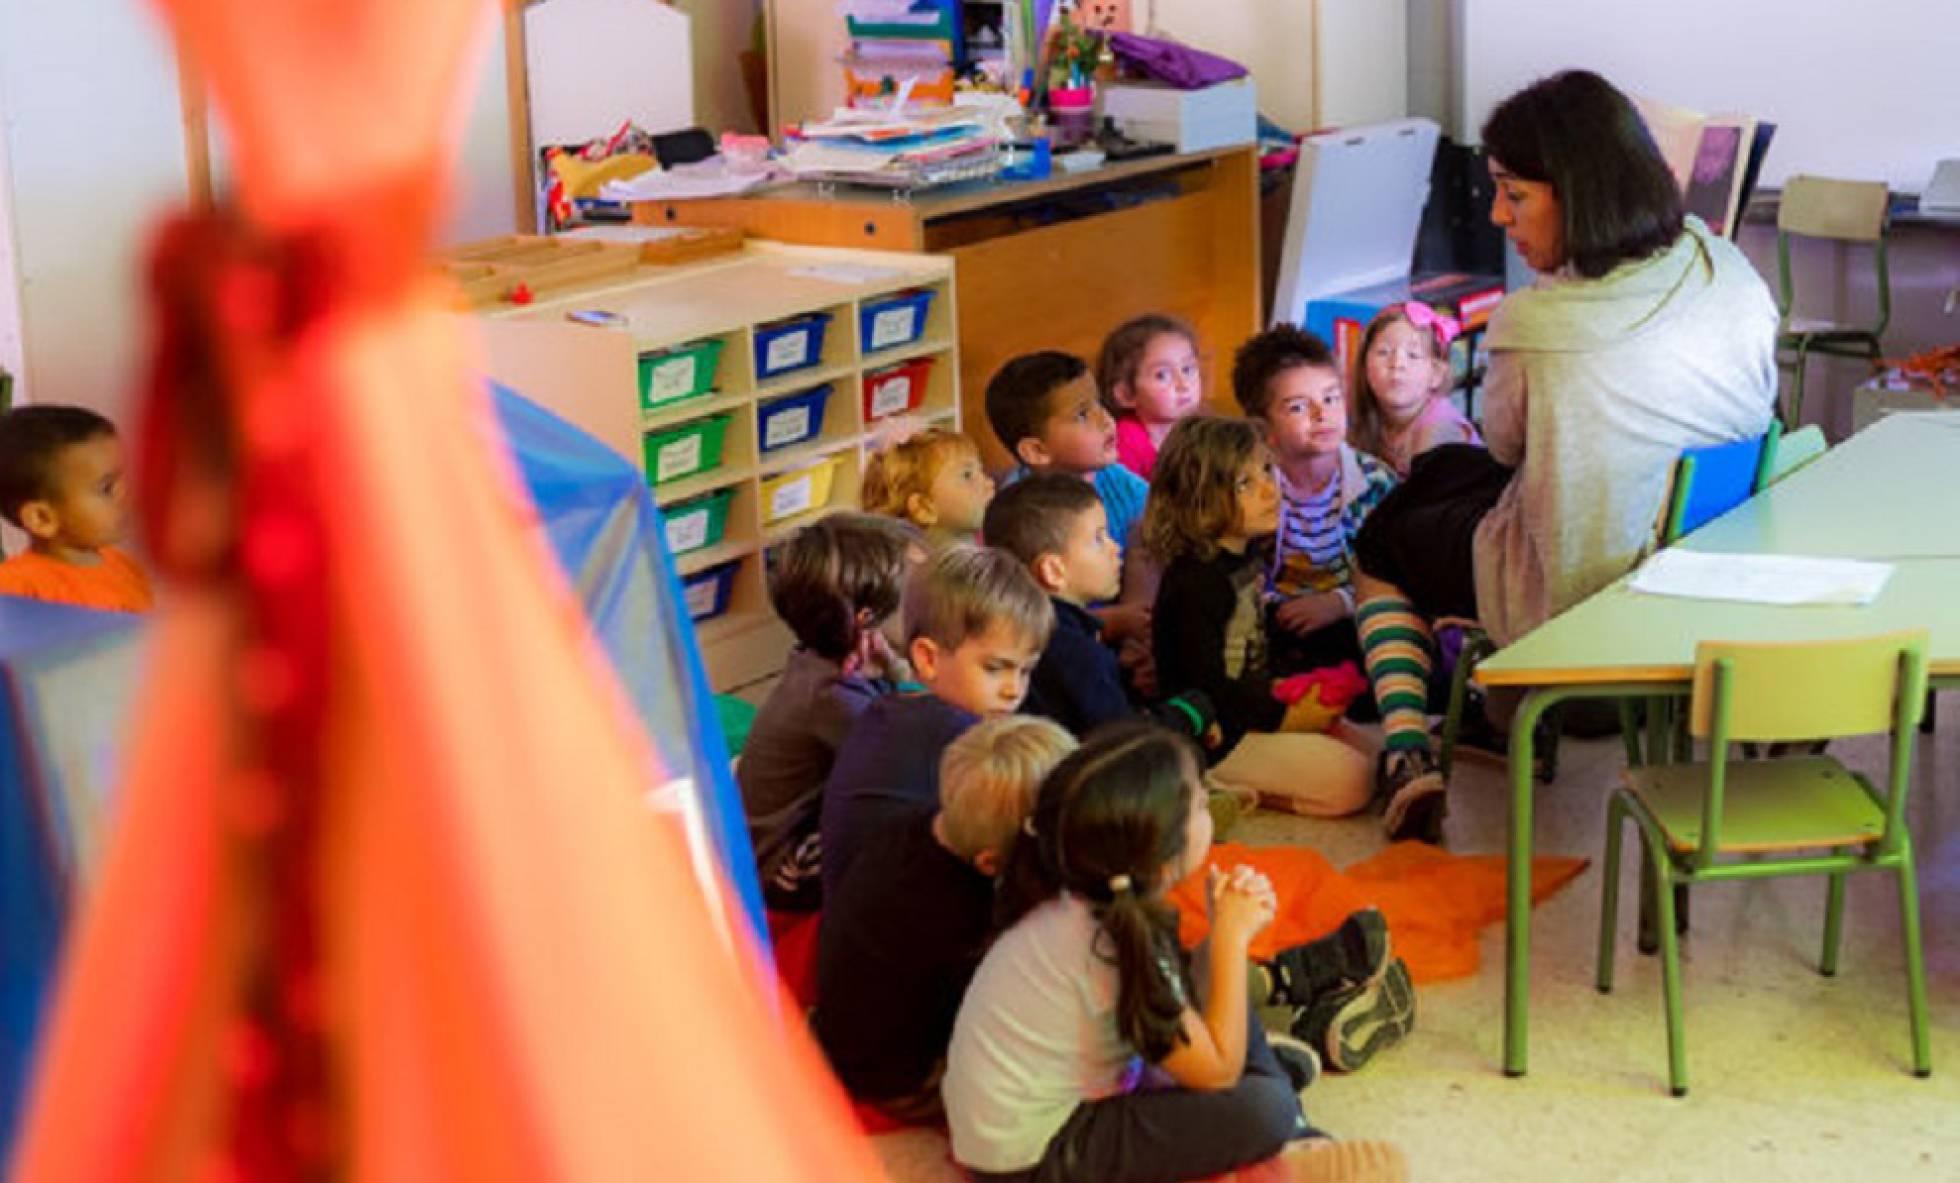 Канарские острова - первый регион Испании, который вводит обязательное эмоциональное обучение во всех школах